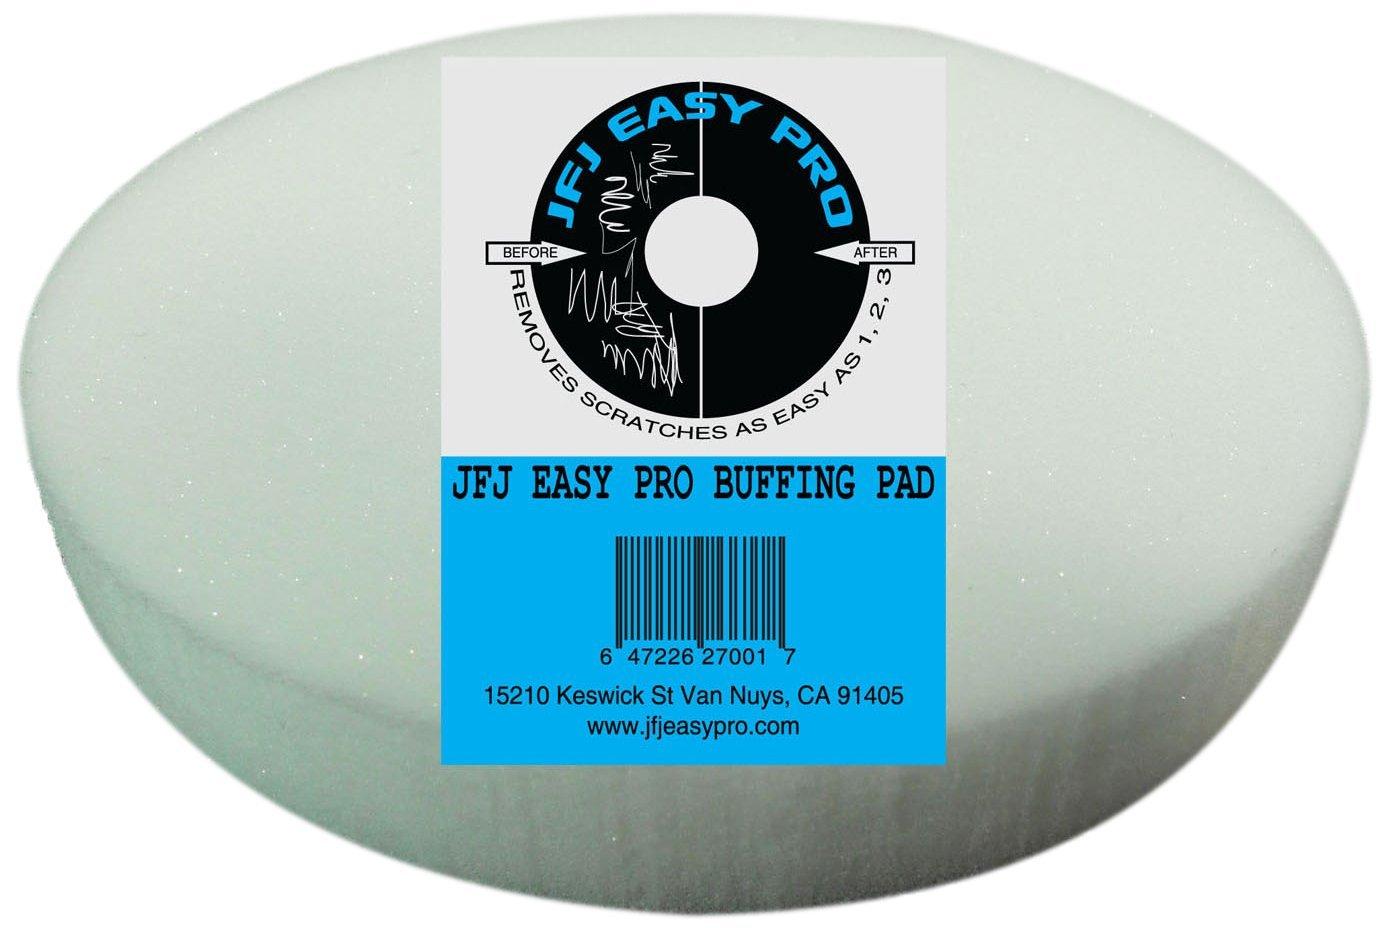 JFJ Disc Repair JFJPROB Easy Pro Buffing Pad by JFJ Disc Repair